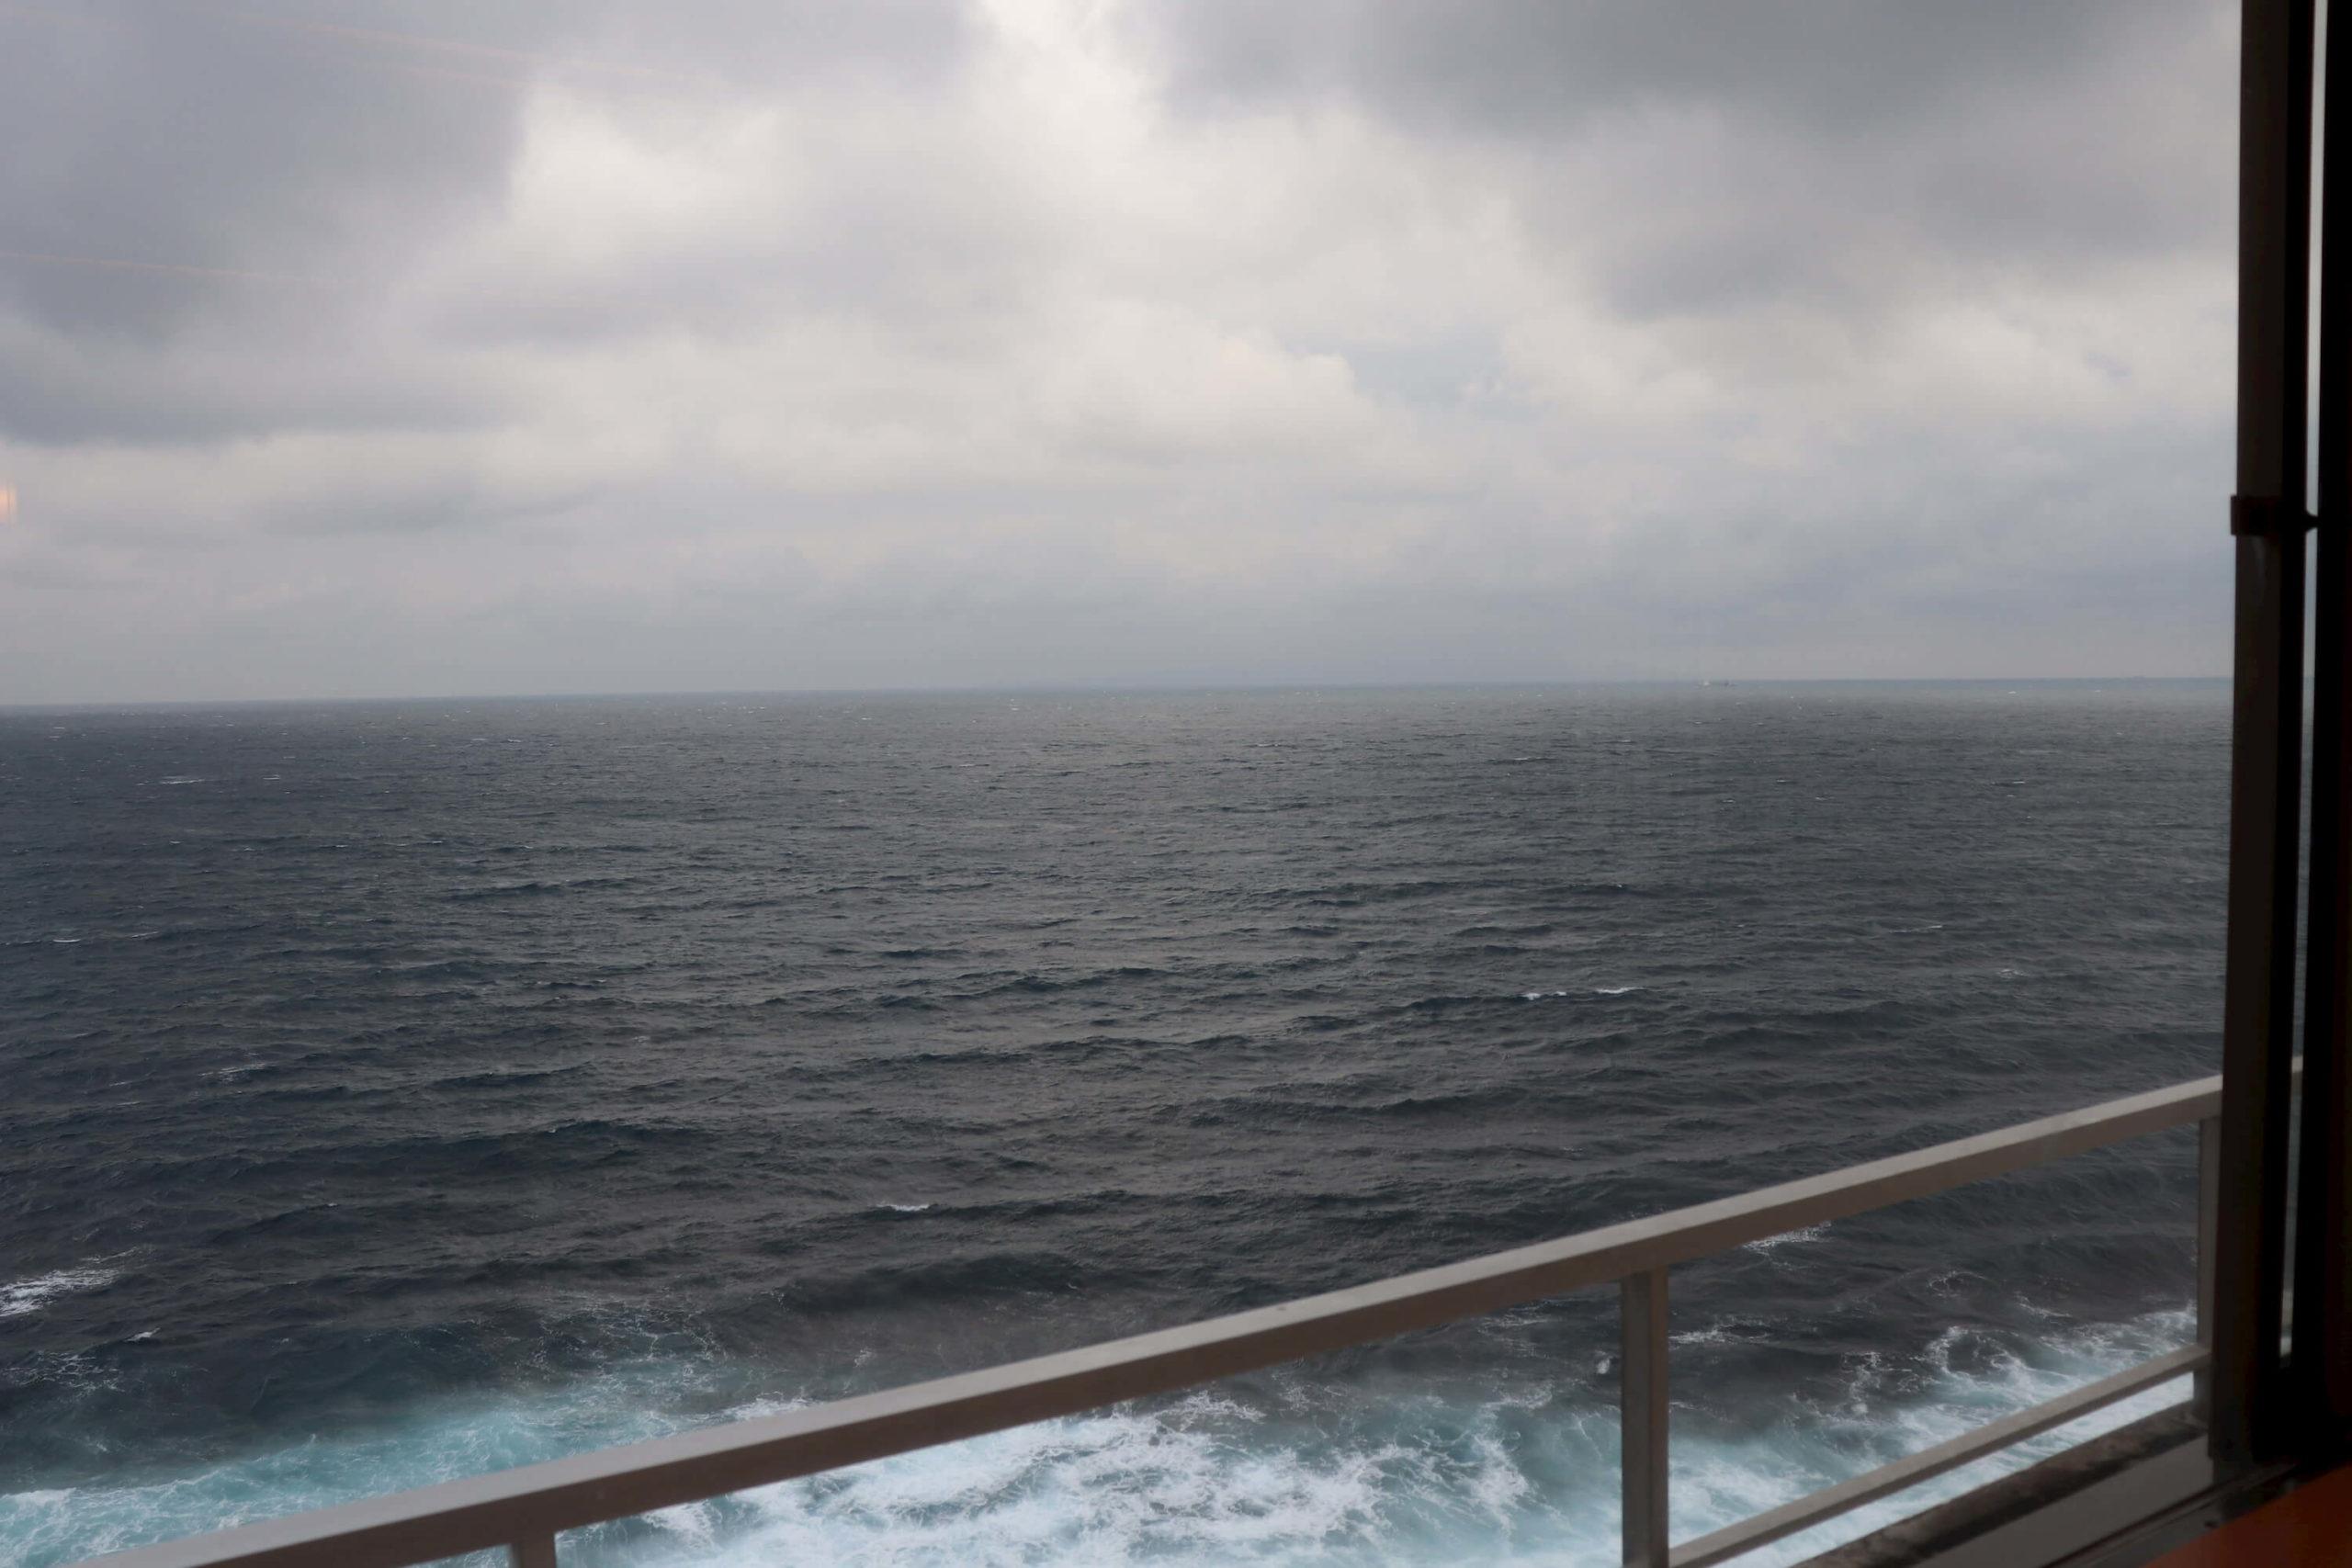 浜の湯の客室から見える荒れた海